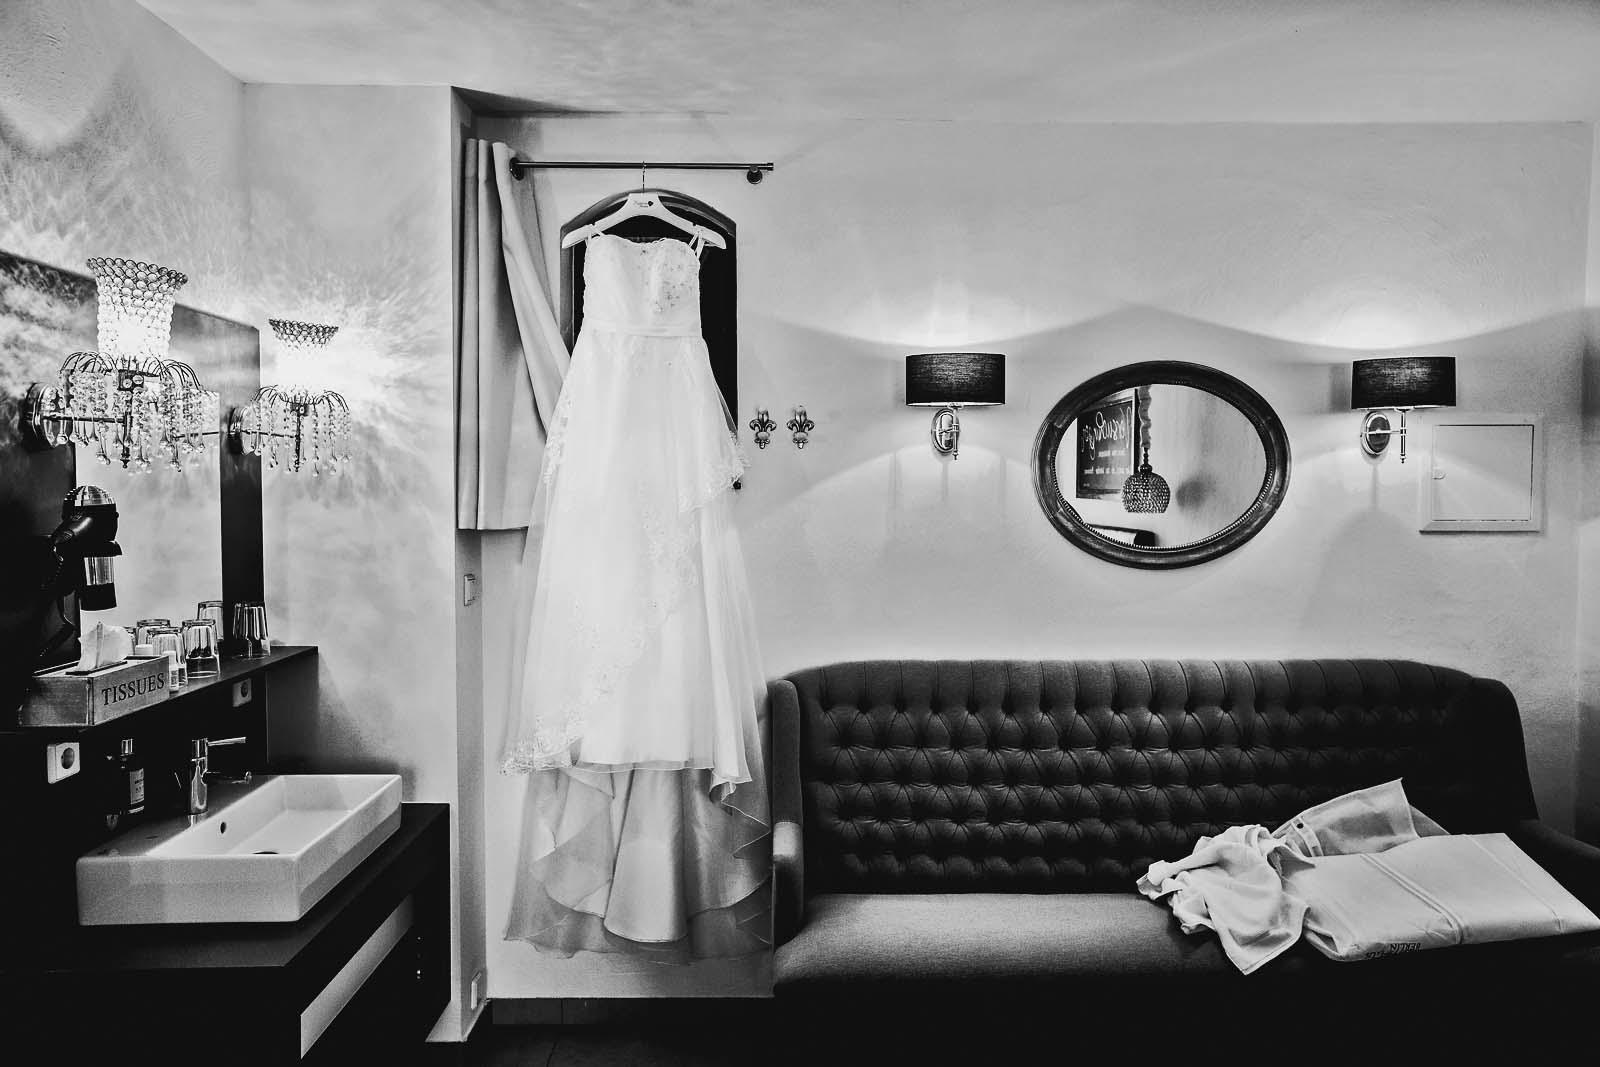 Hochzeitskleid Hotel Seinerzeit Spreewald Copyright by Hochzeitsfotograf www.berliner-hochzeitsfotografie.de